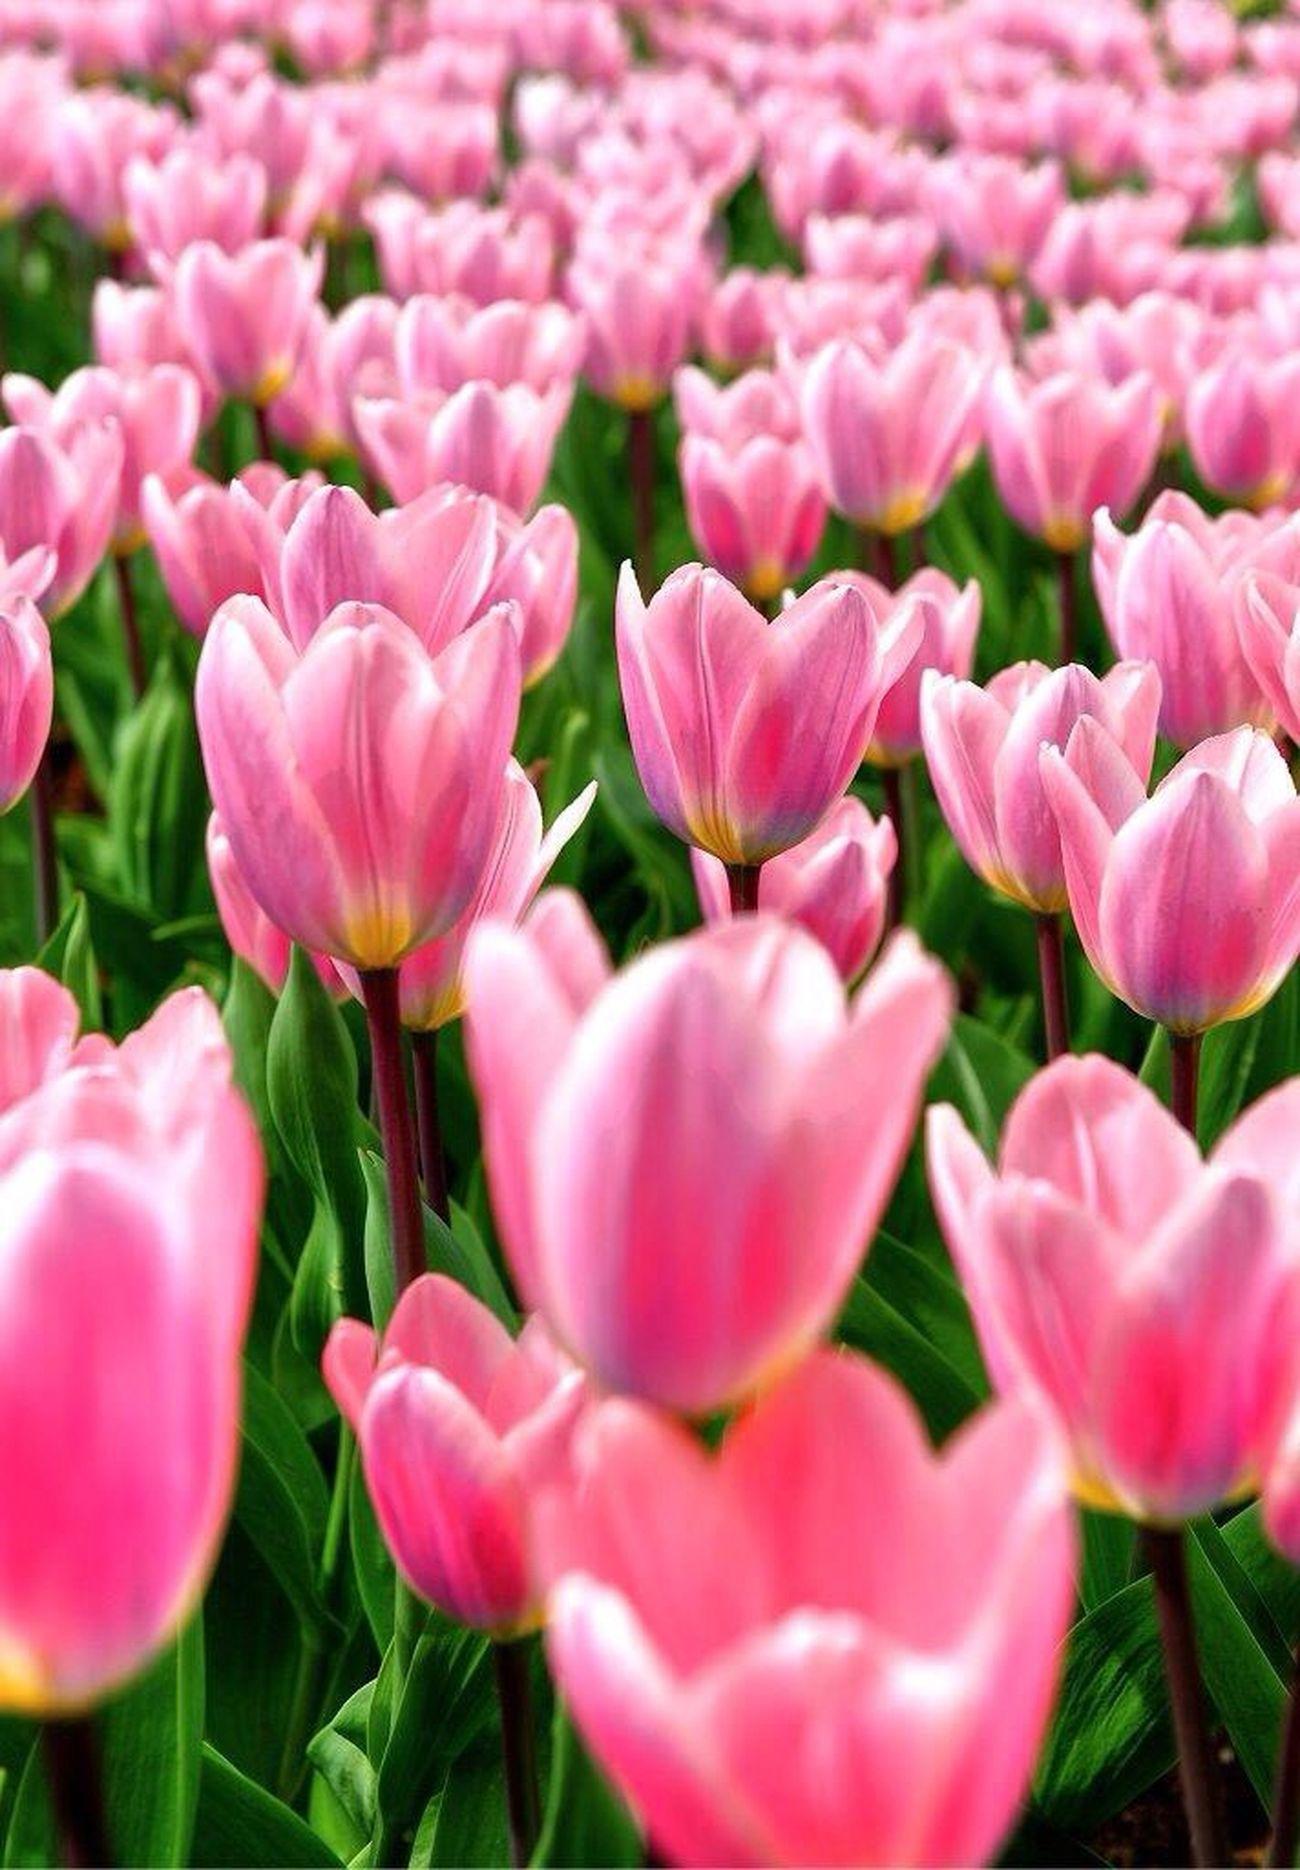 Flowers Flower Tulips🌷 Tulip Tulpen Tulipan Keukenhof Keukenhof Garden Kaukenhof Holandia Holland